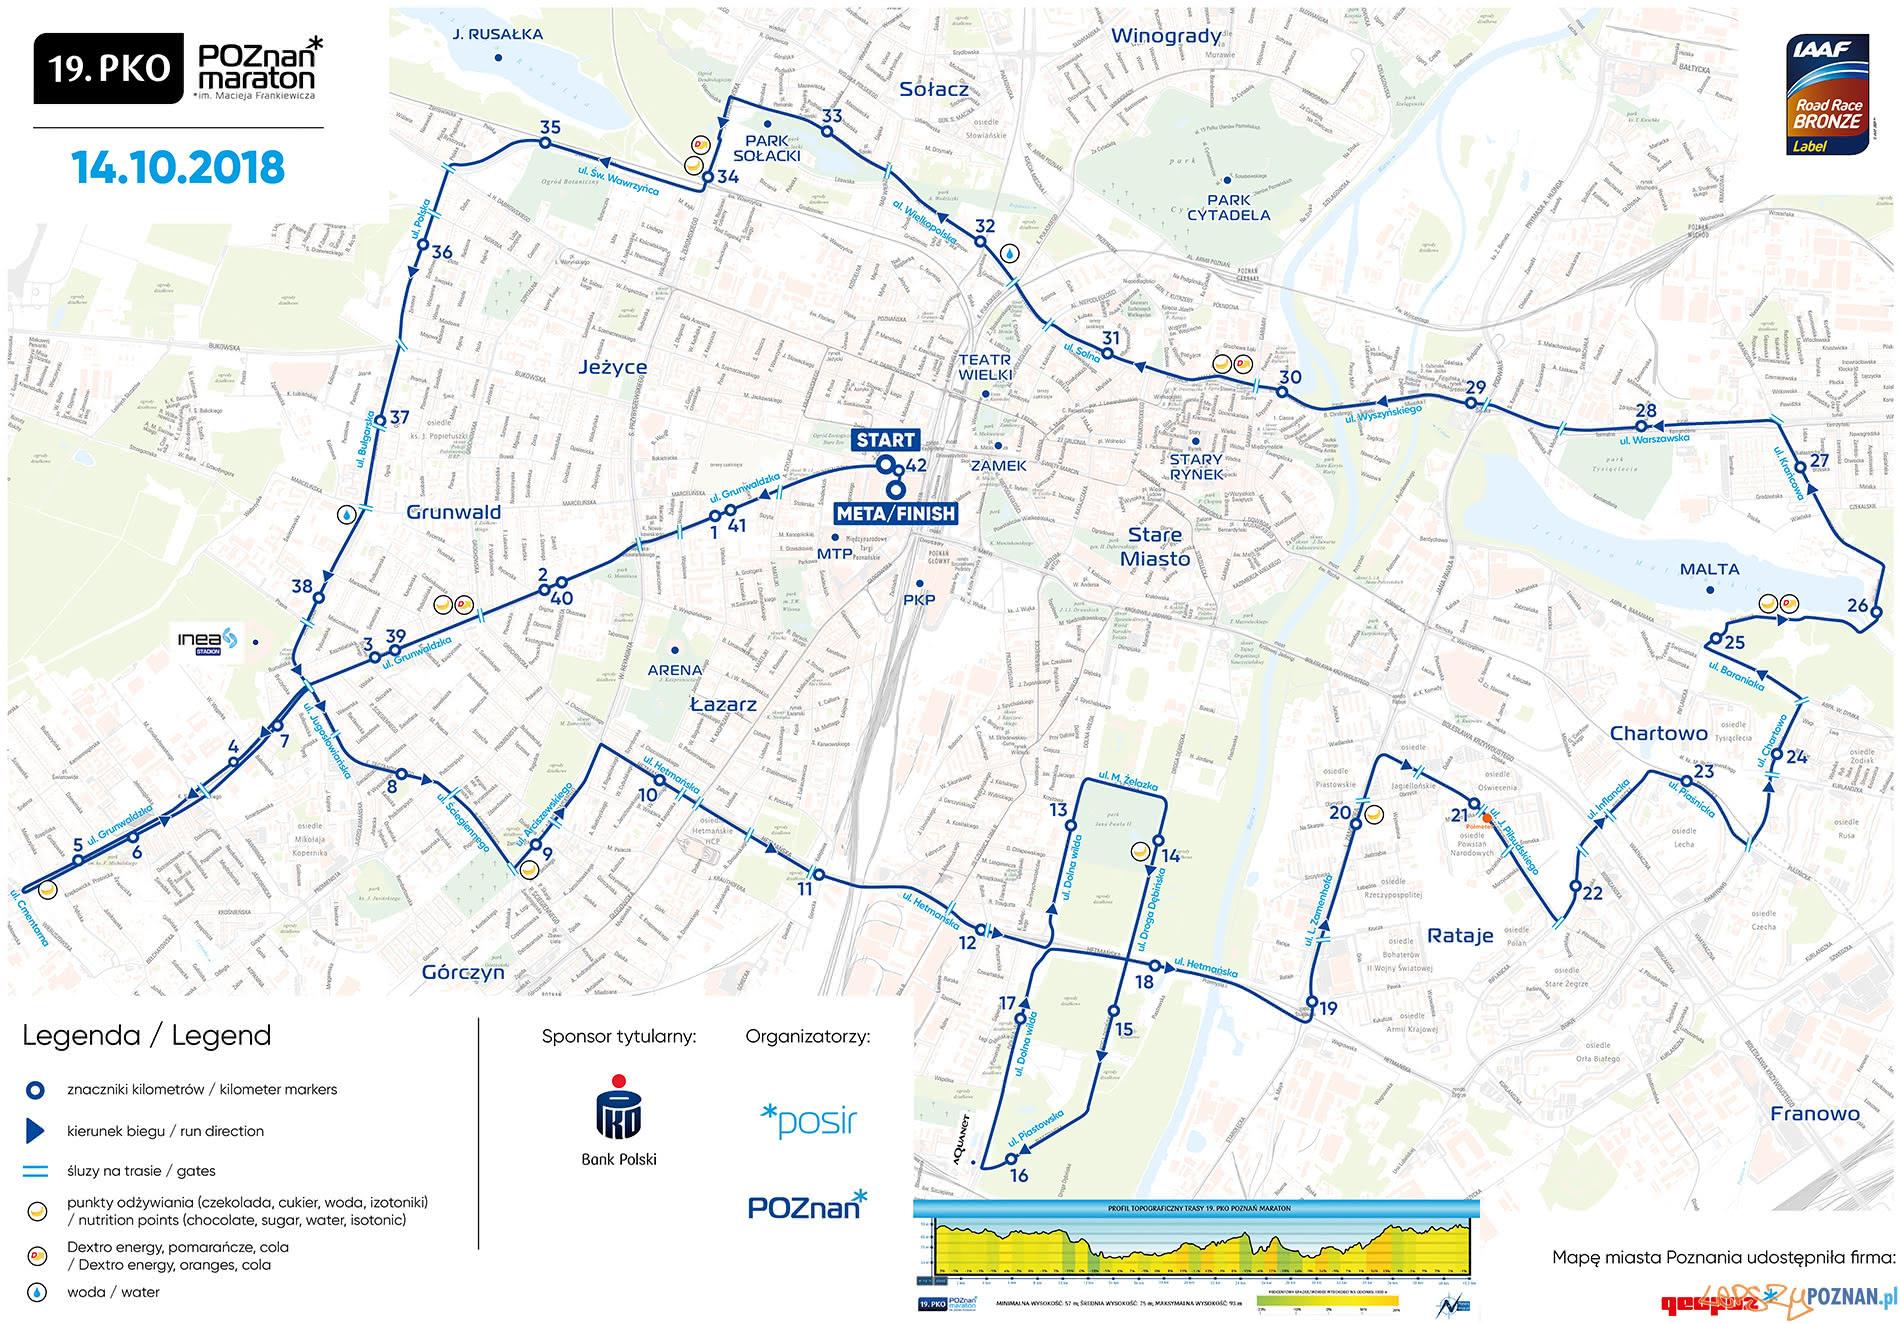 19.PKO Poznań Maraton  Foto: materiały prasowe